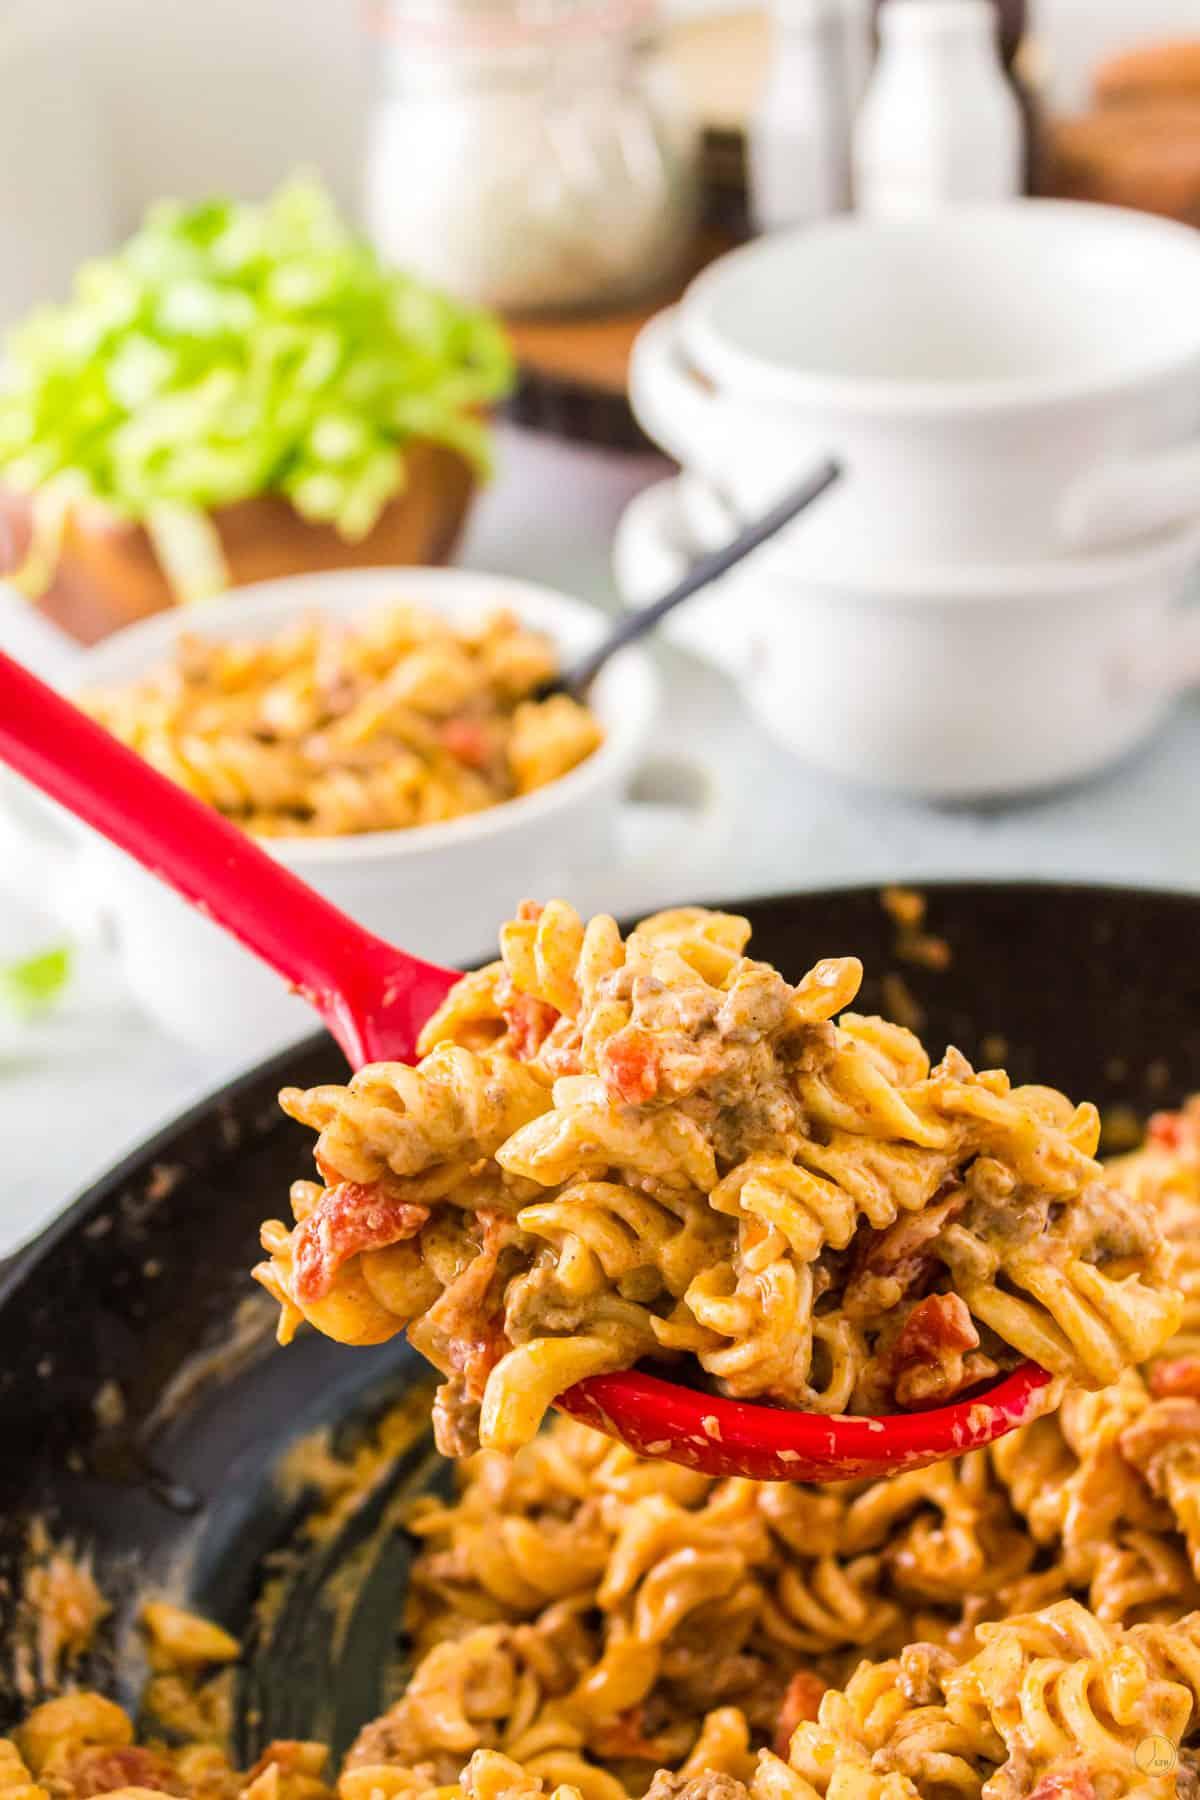 scoop of pasta